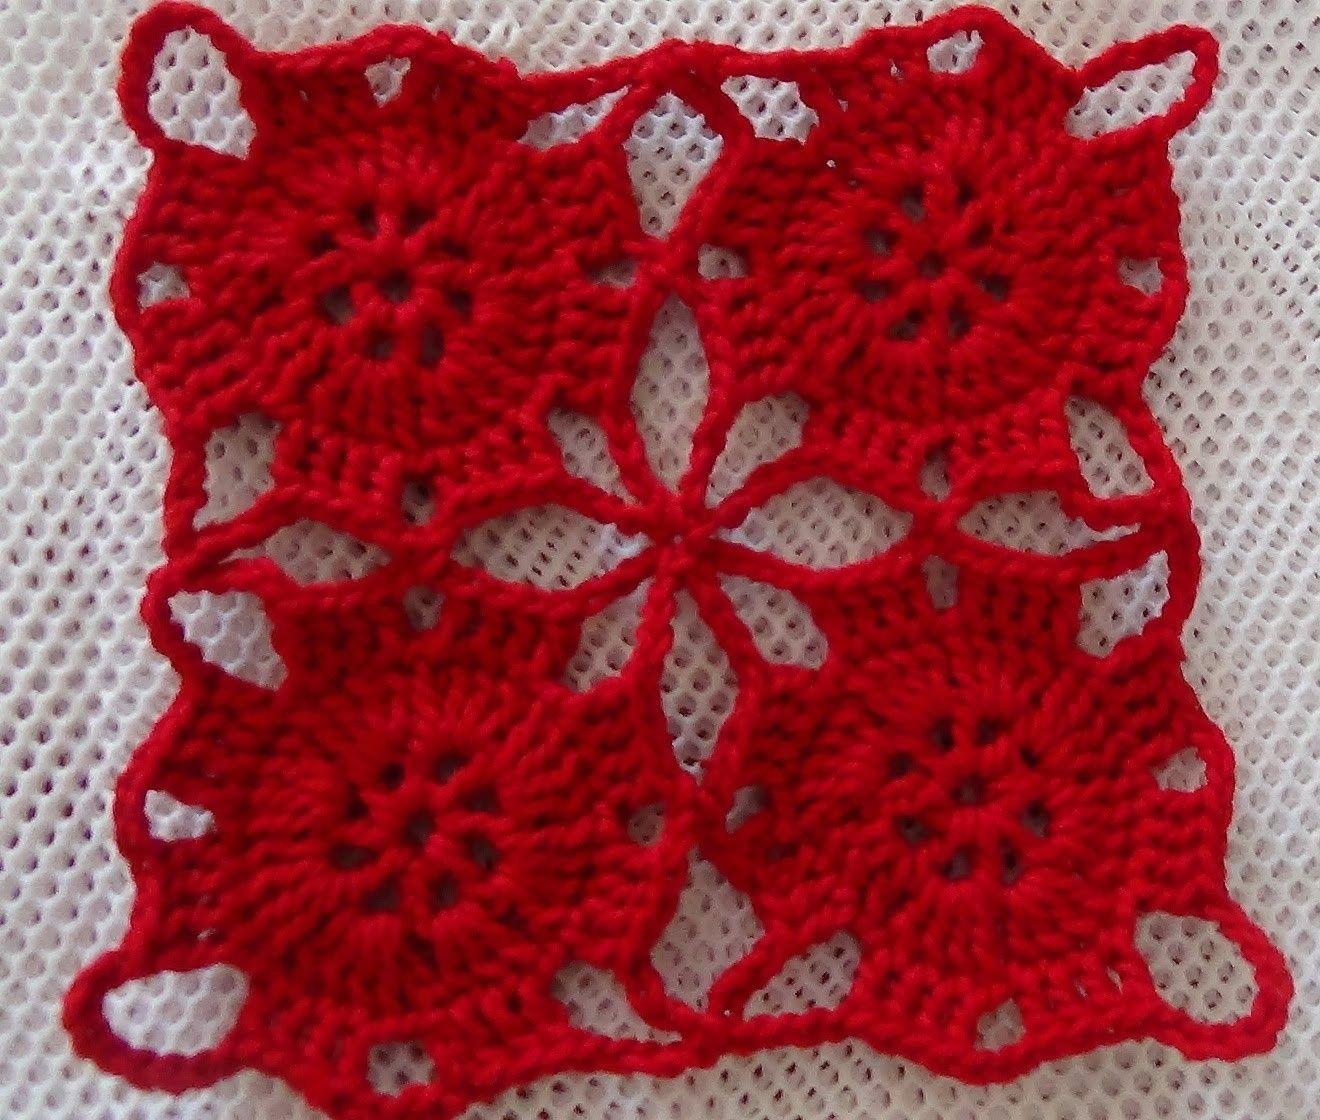 Vídeo Tutorial Como Tejer y Unir Motivos a Crochet | Häkeln